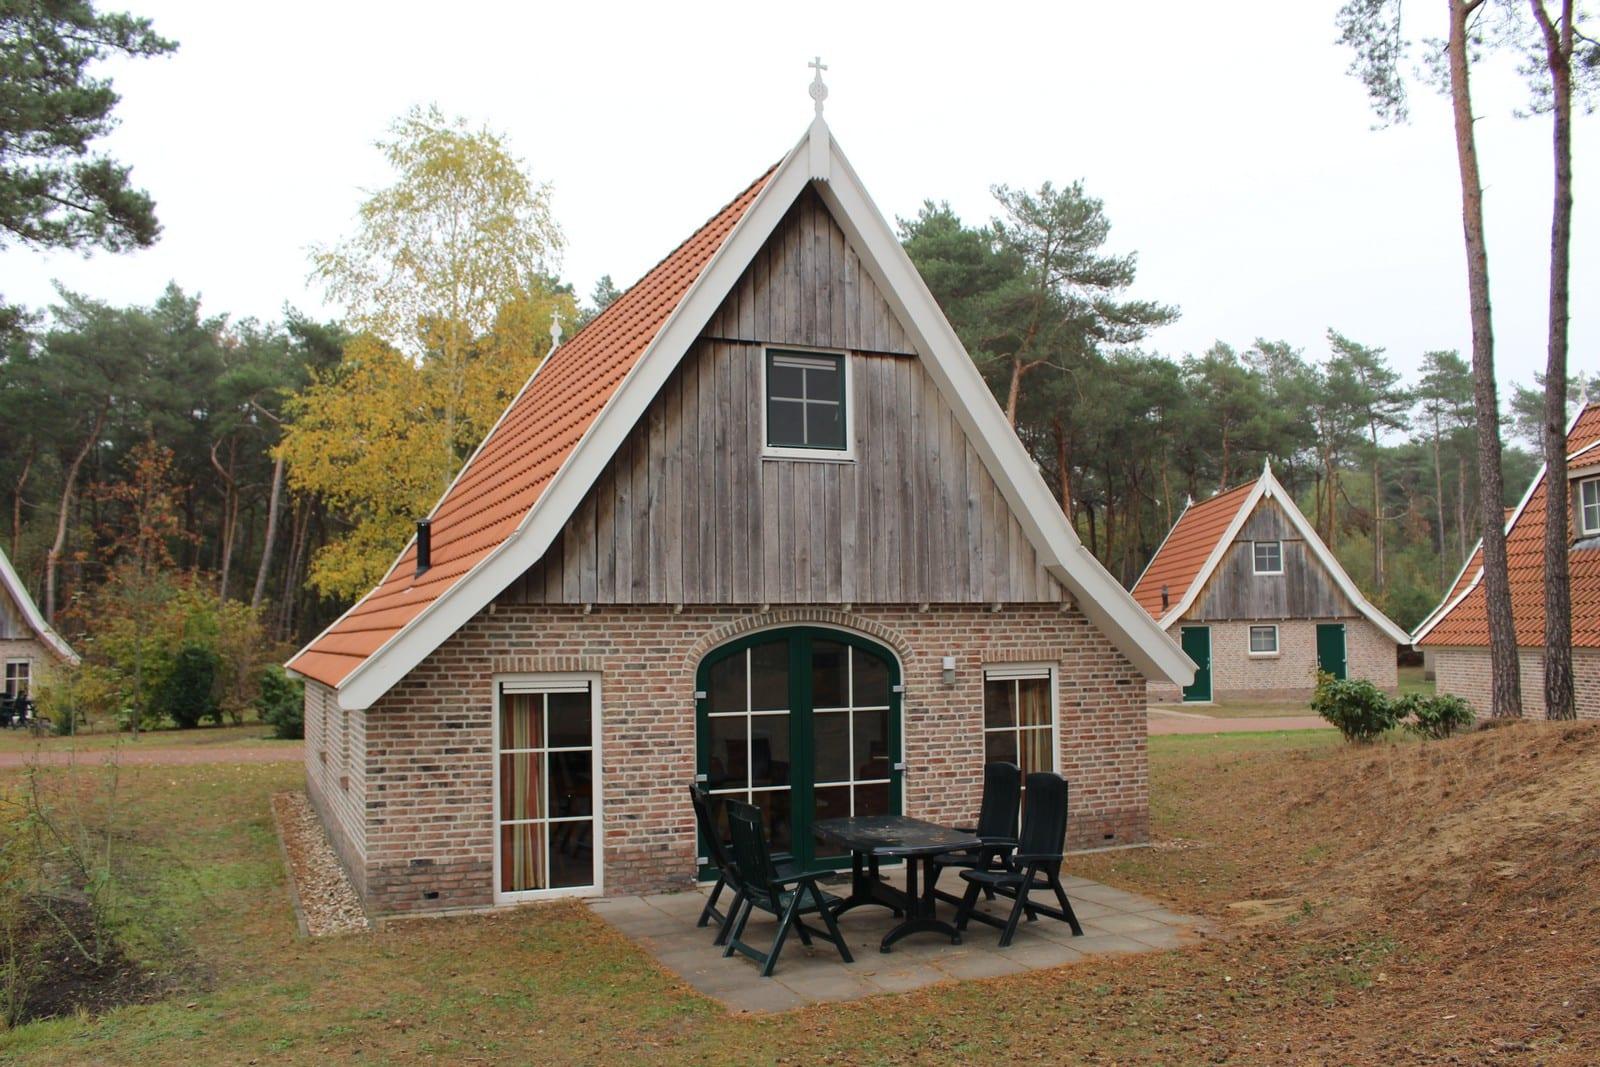 Landgoed De Hellendoornse Berg Hoes Bentheim nr. 116 - 1